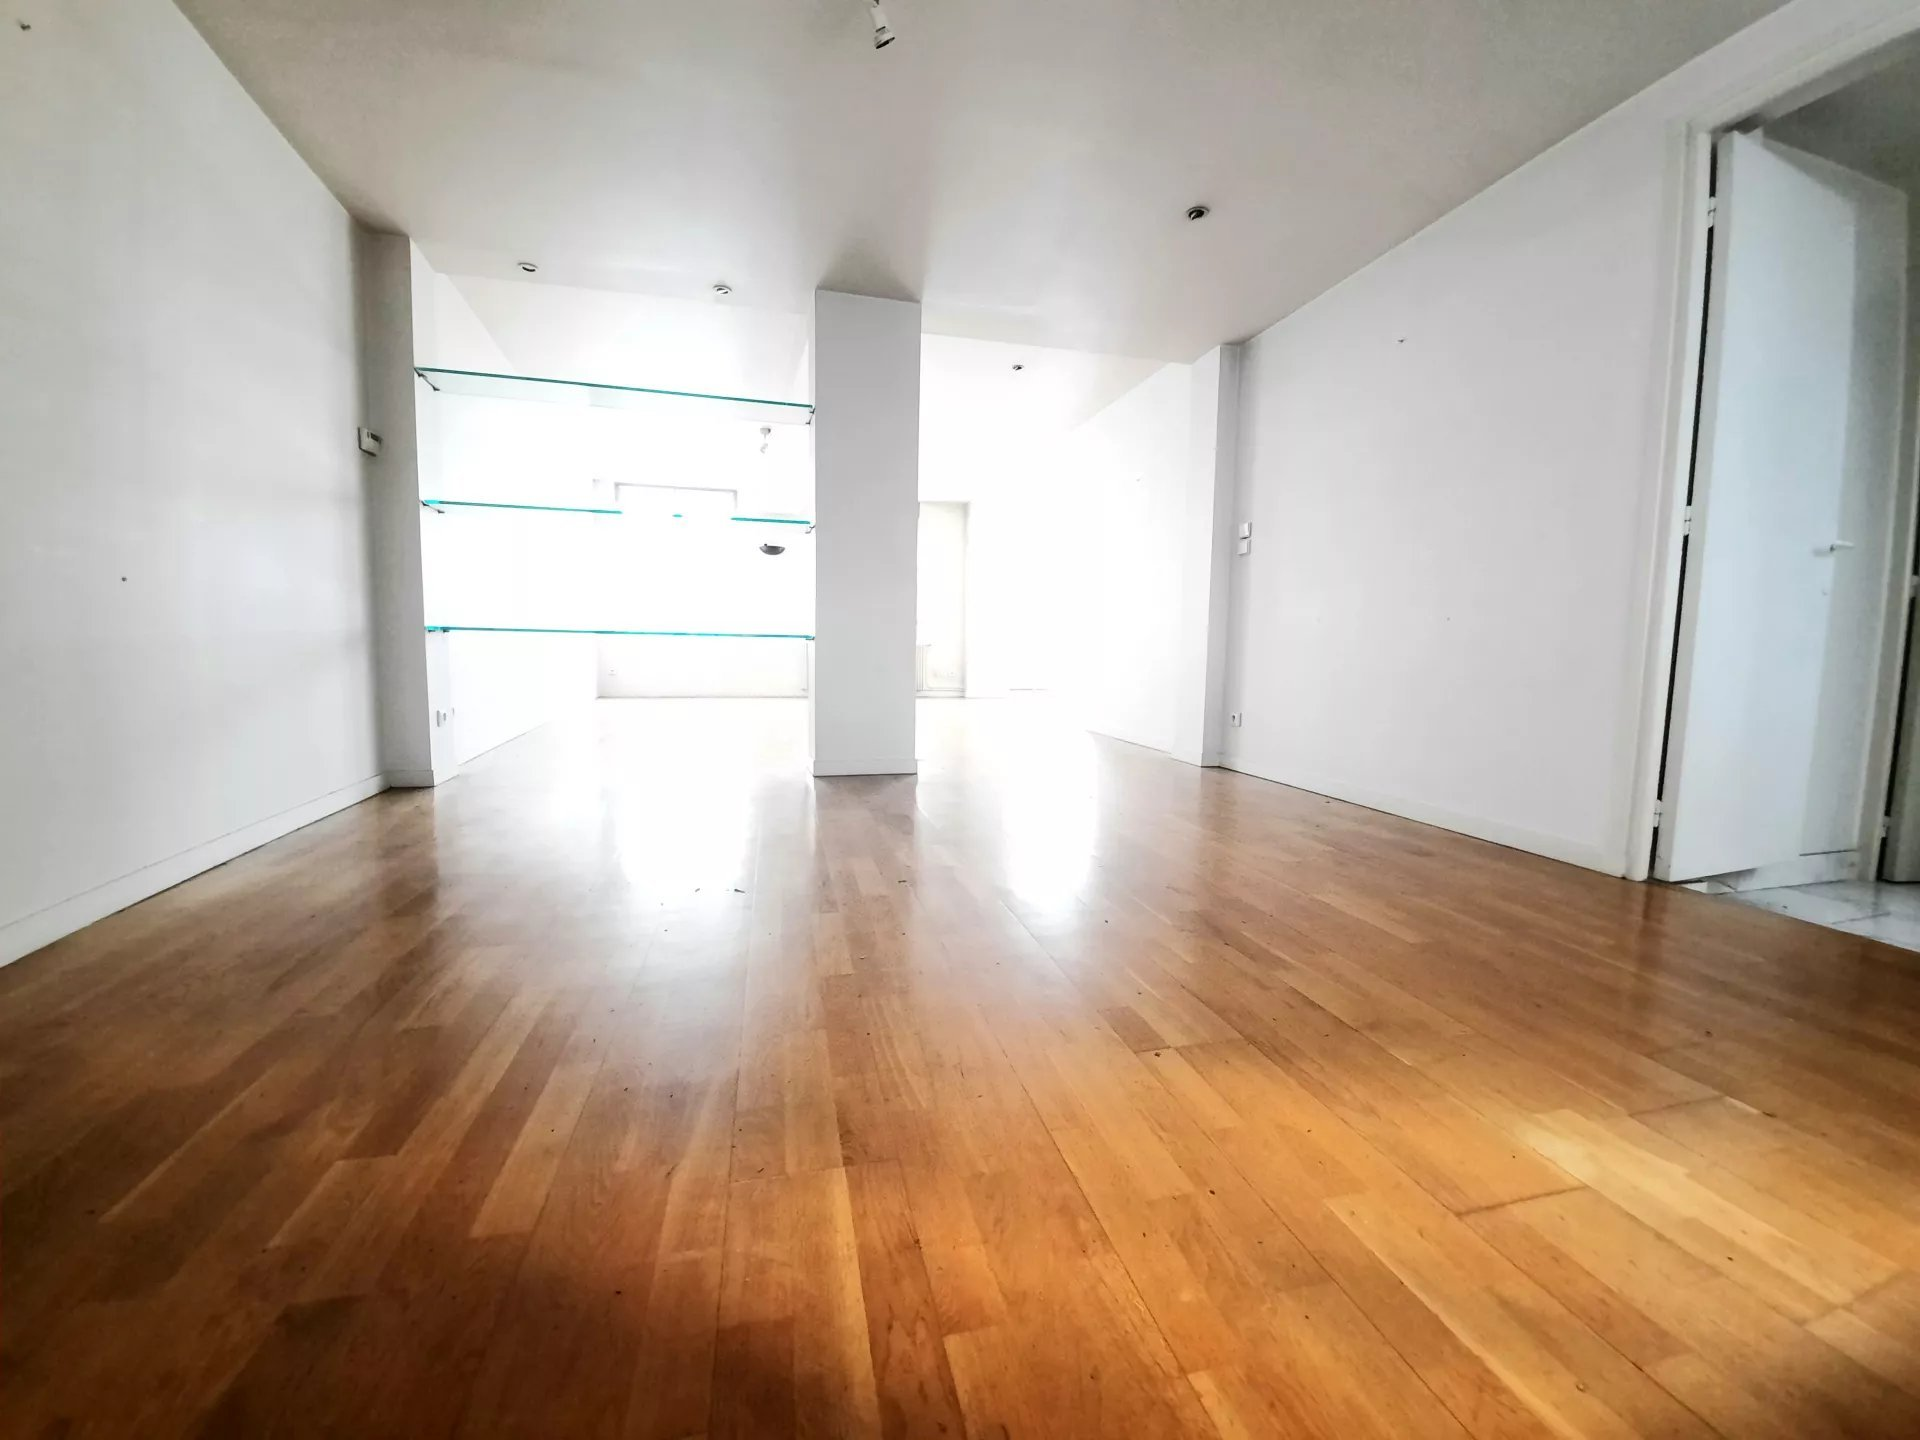 Appartement / plateau de 62m2 hyper centre